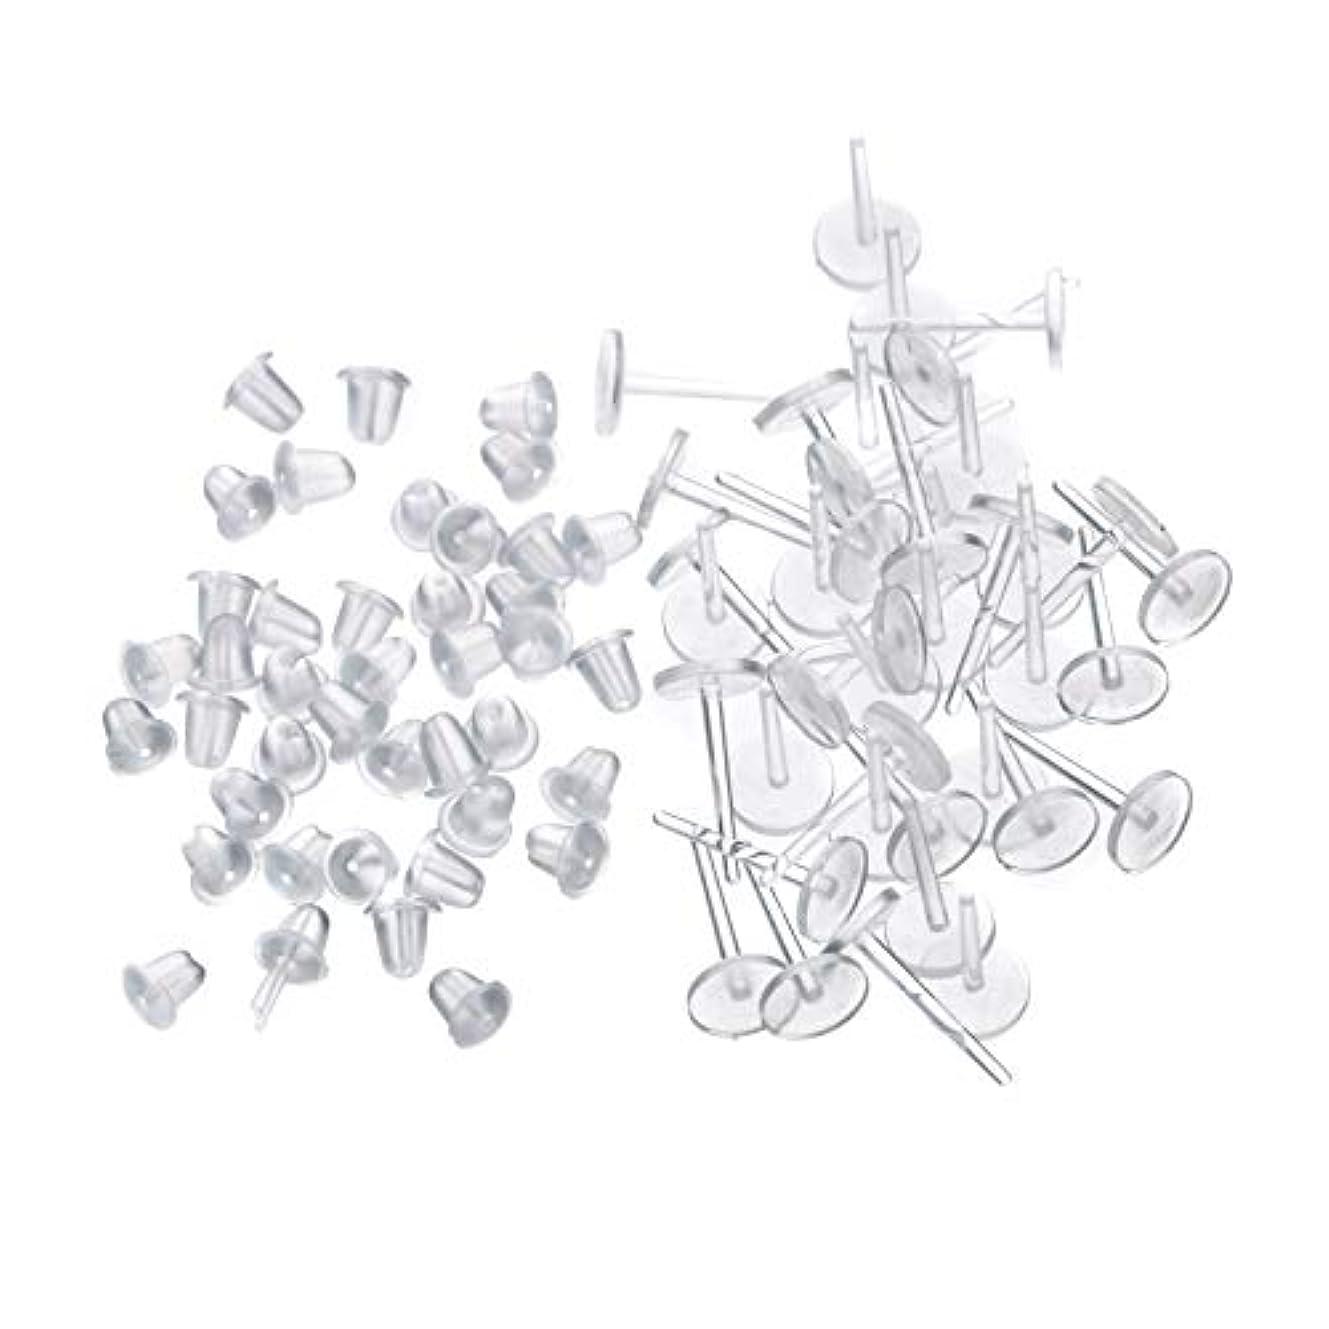 濃度神の注意シークレットピアス 樹脂透明ピアス 金属アレルギーフリー ピアスホール維持に最適 (20セット)